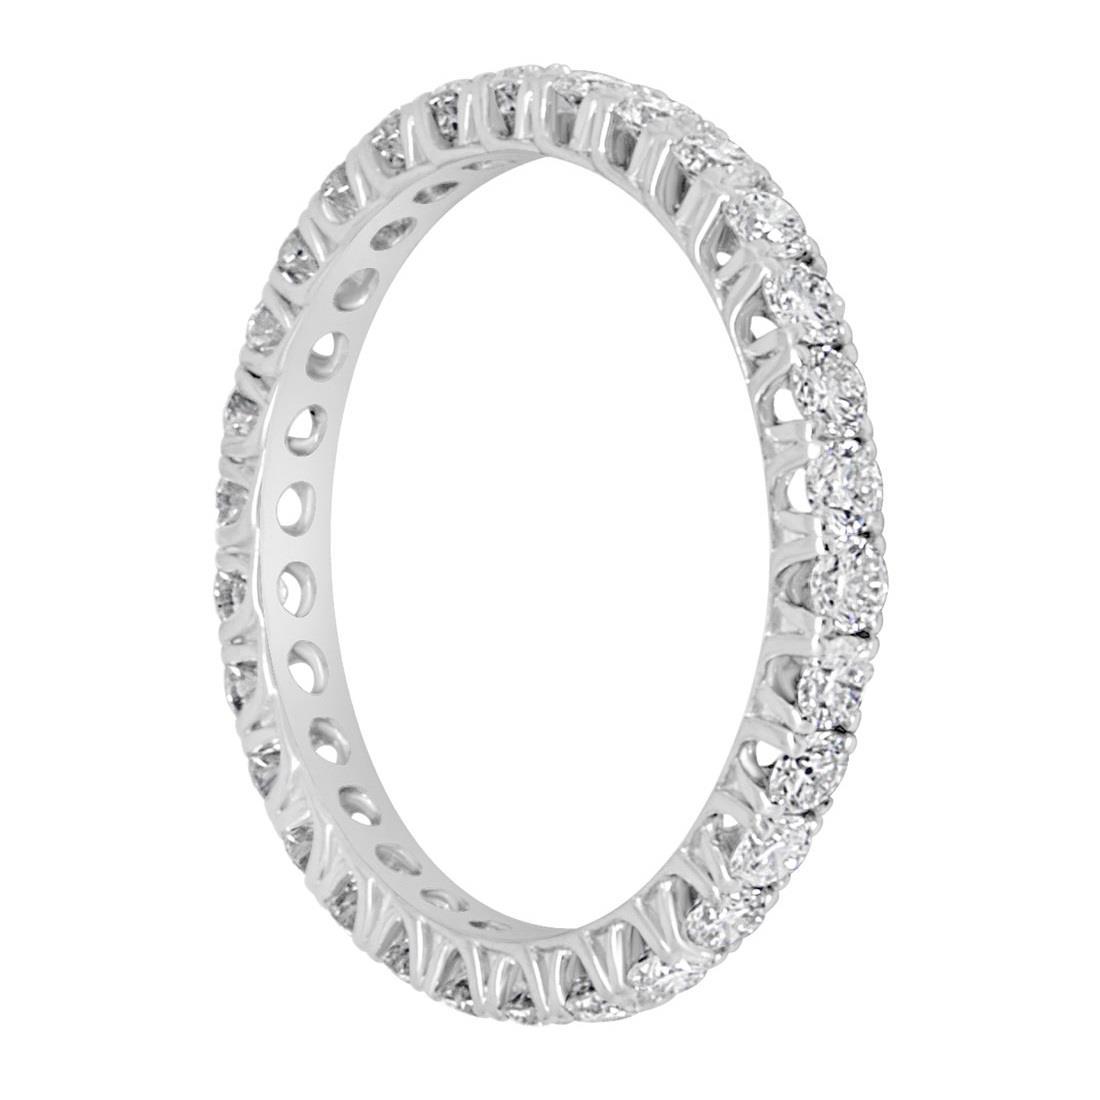 Anello eternity con diamanti ct. 1,09 - ALFIERI & ST. JOHN